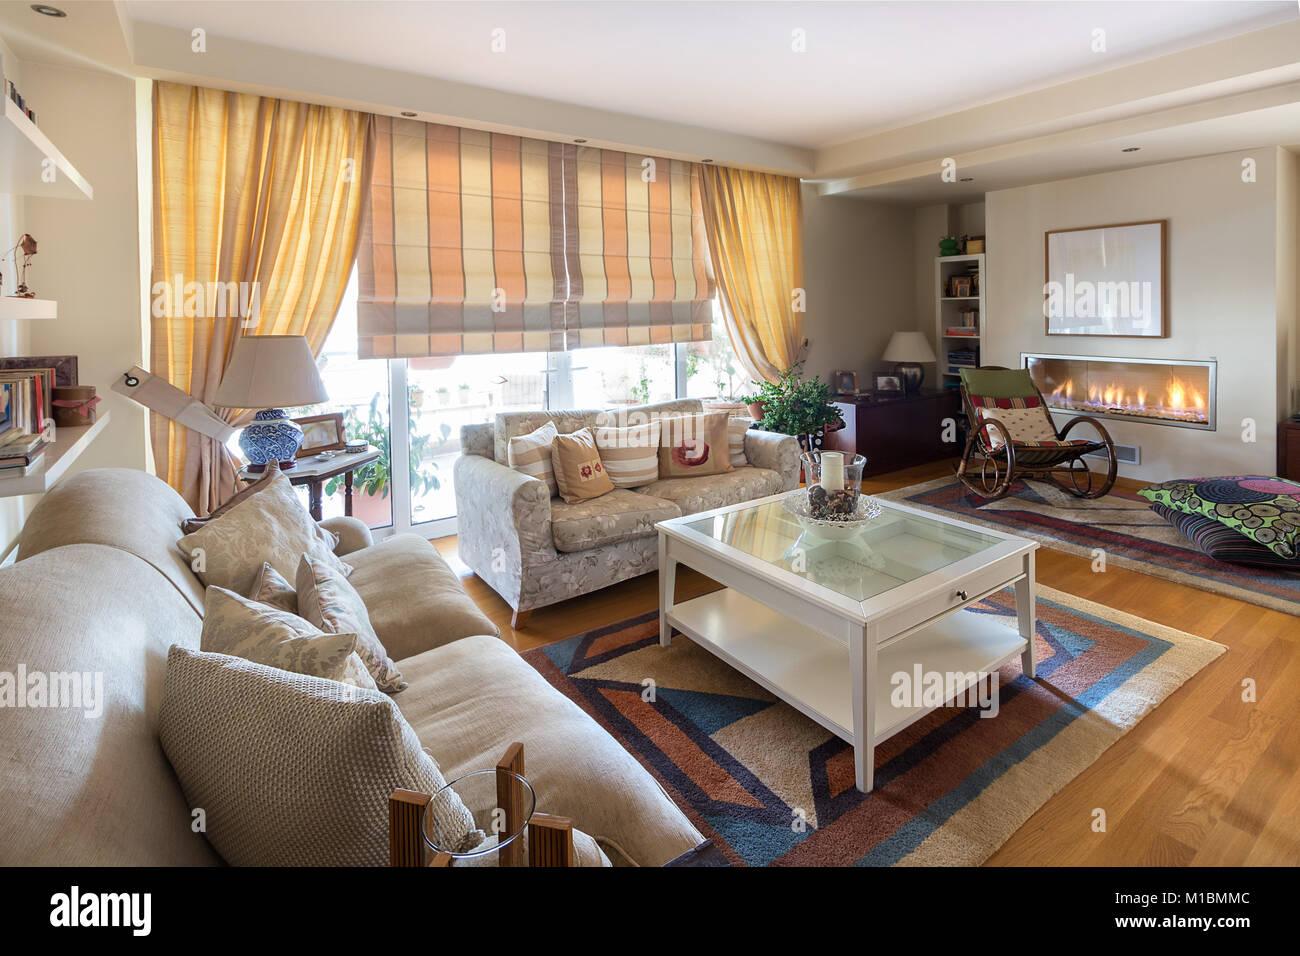 Table Basse Grand Salon un grand salon style contemporain et chaleureux avec deux